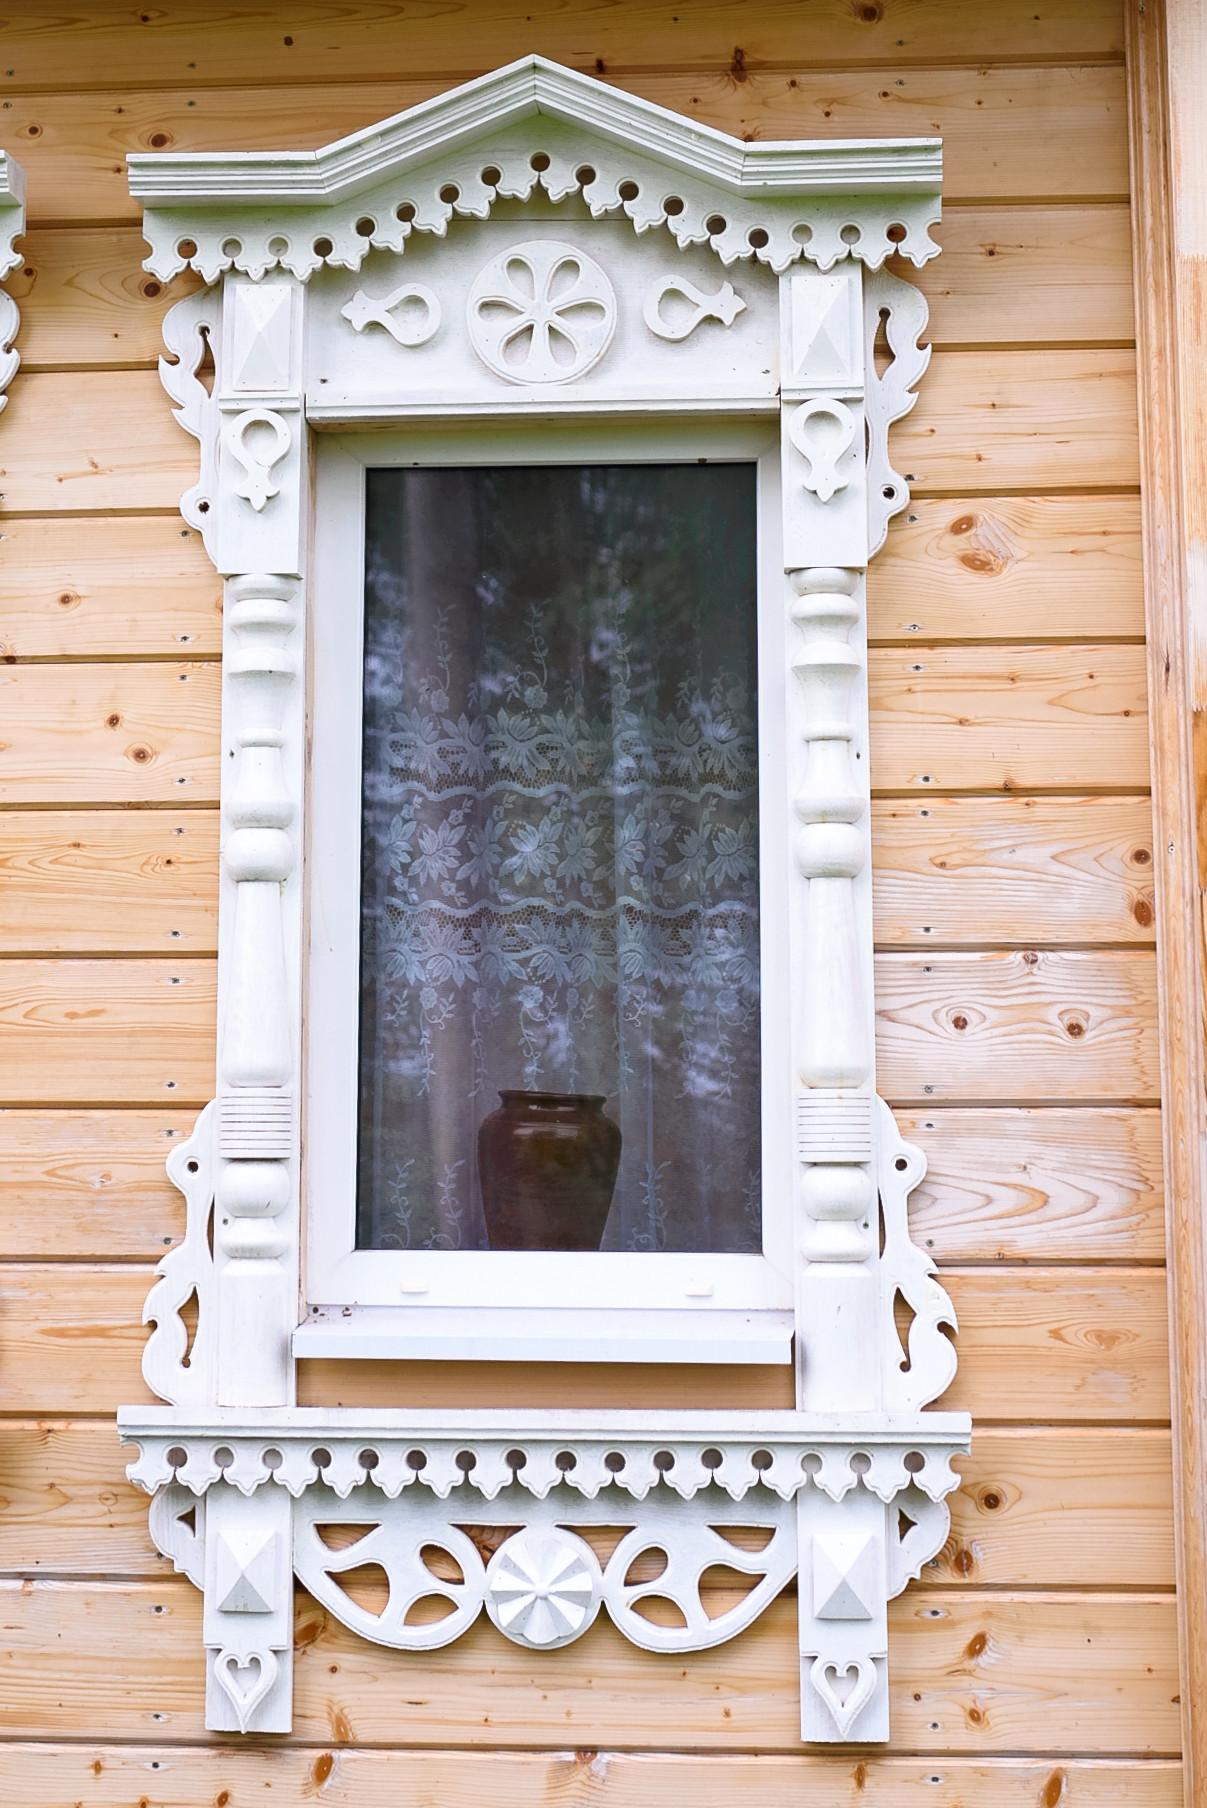 Шаблоны резных наличников на окна чертежи, рисунки, эскизы 36